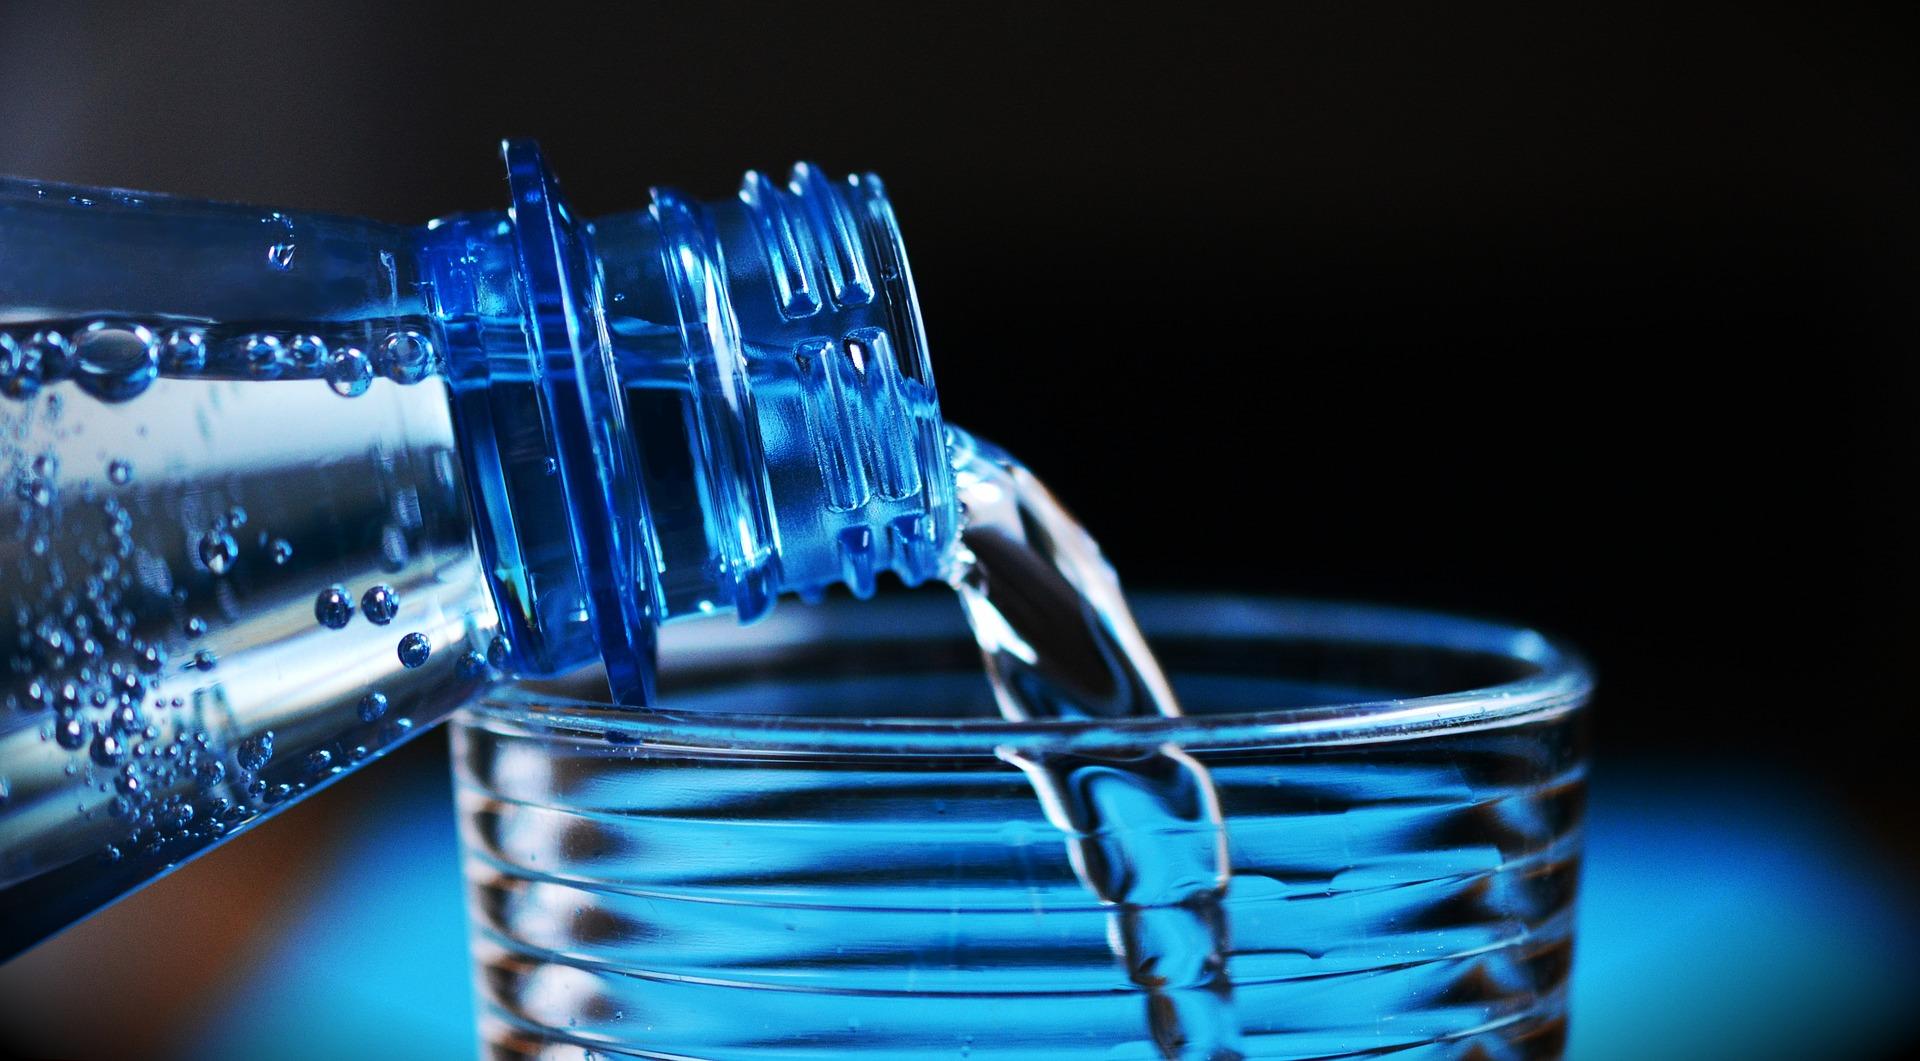 Reducir y reciclar los envases de un solo uso, clave para un desarrollo sostenible